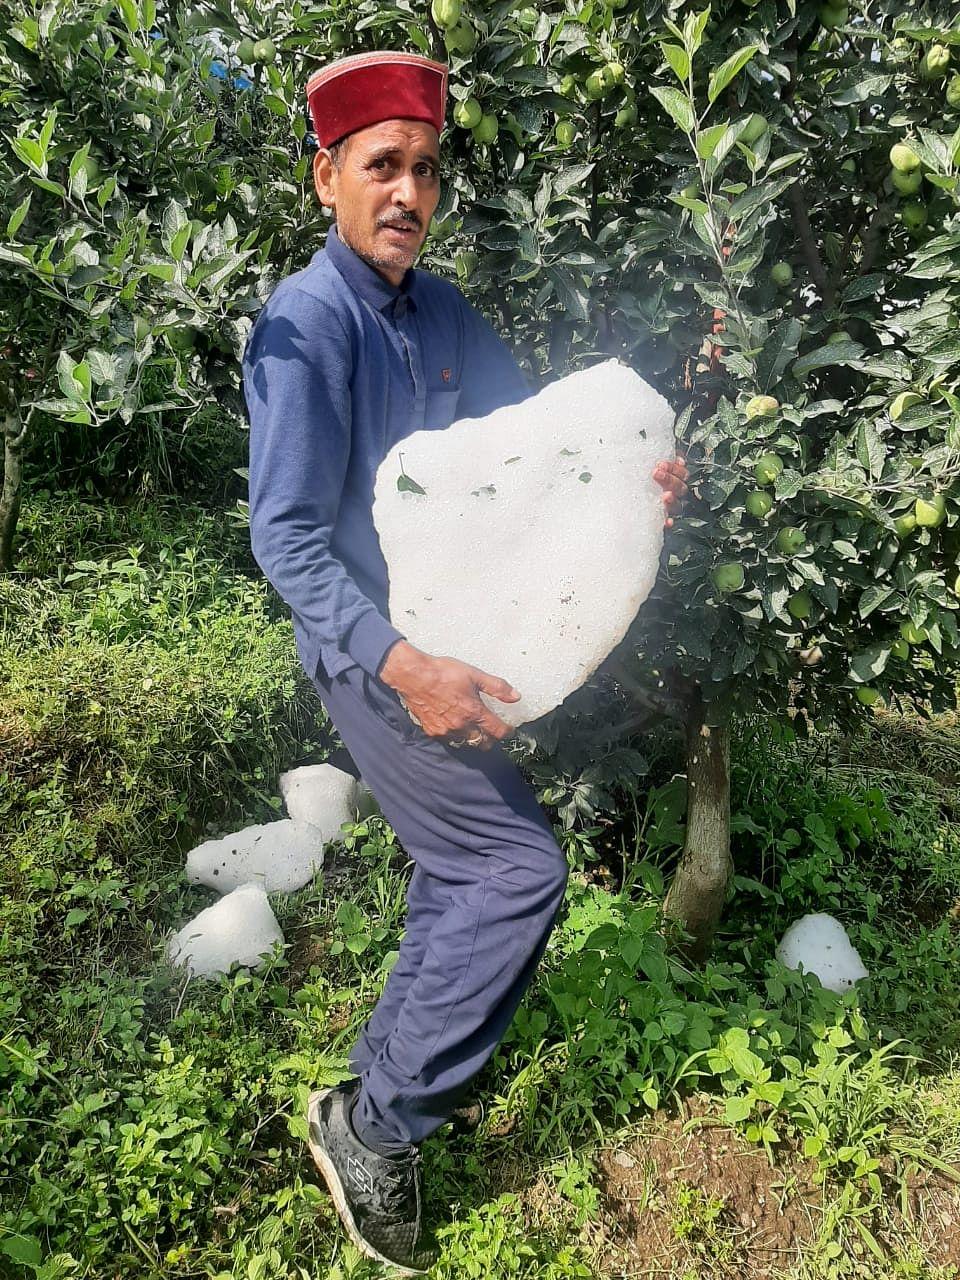 उत्तरकाशी की सिंगतुर पट्टी में ओलावृष्टि से भारी तबाही, सेब बागवानों में हाहाकार